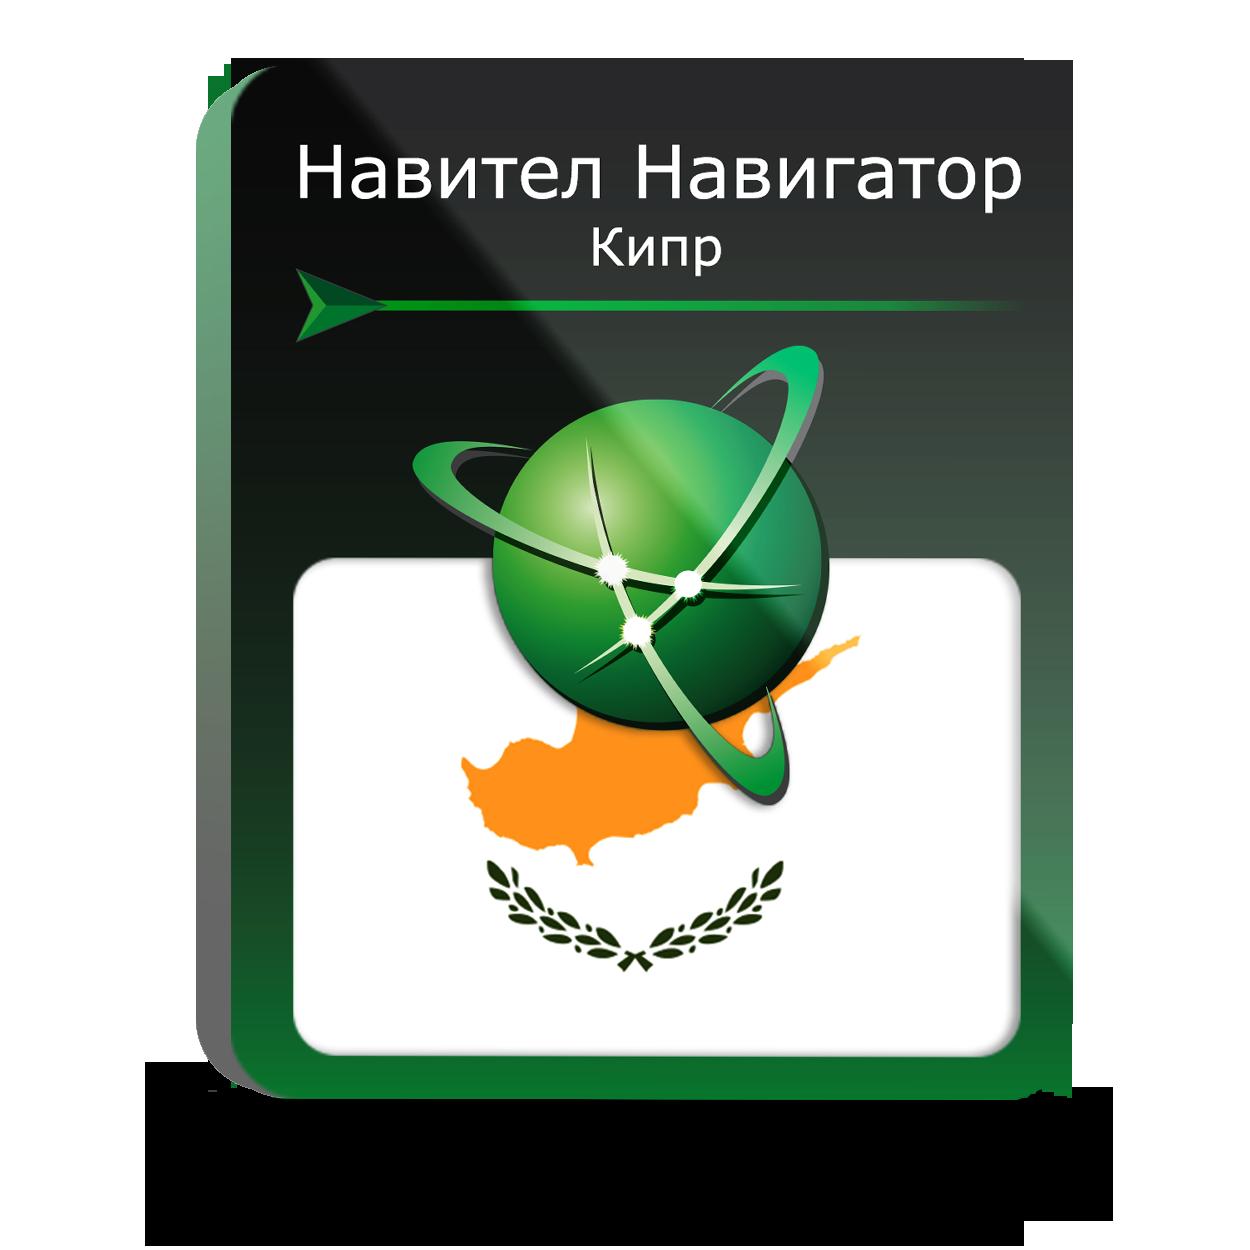 скачать карту россии для навигатора бесплатно 2016 торрент